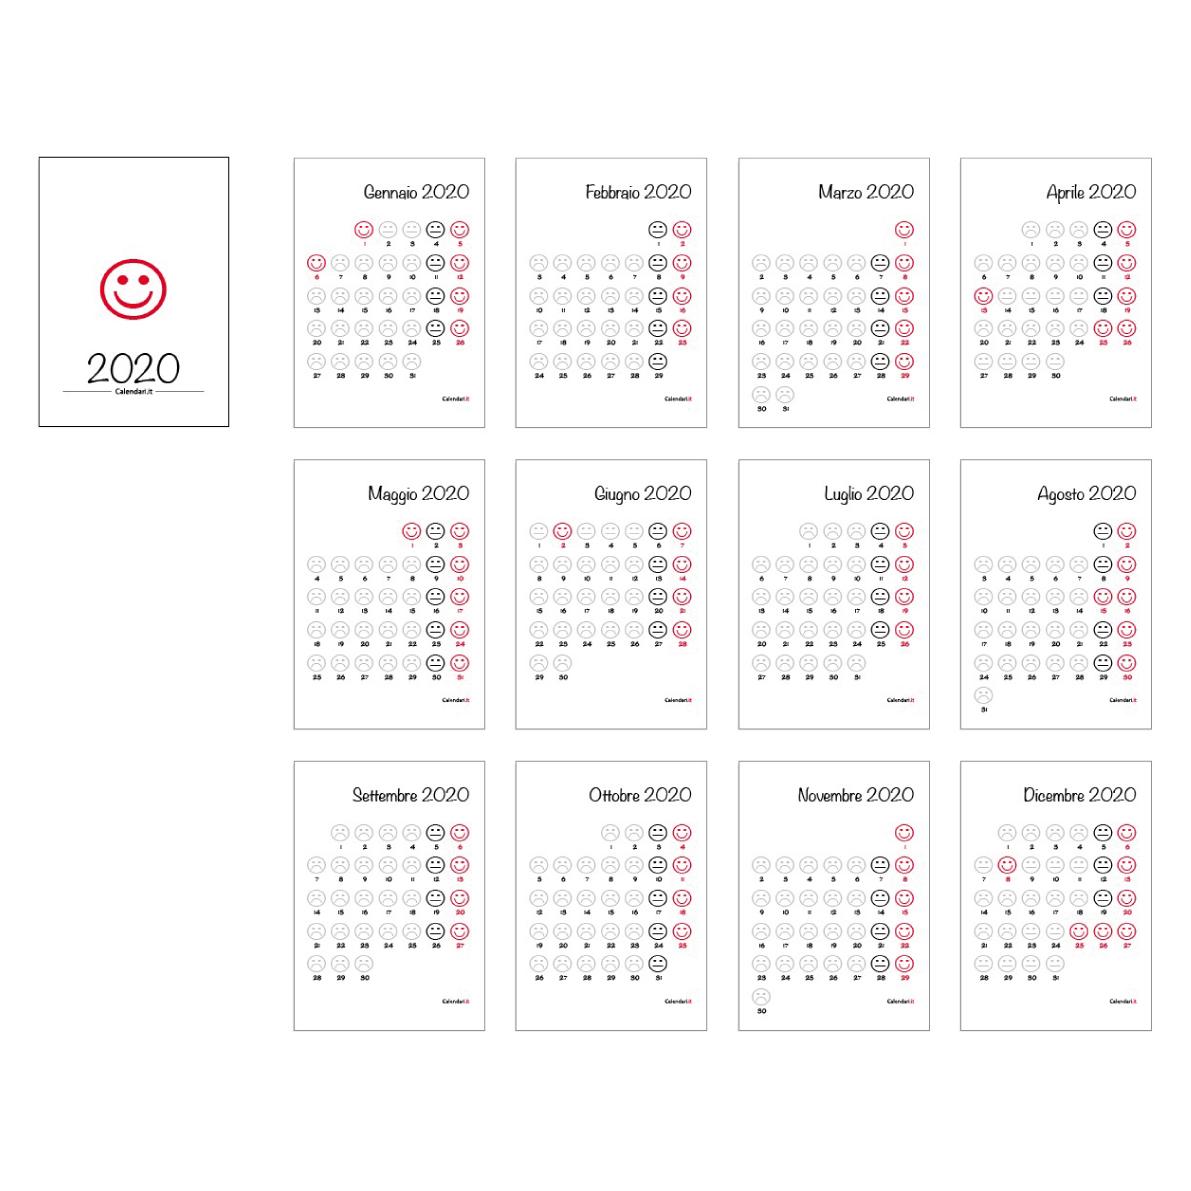 Calendario Agosto 2020 Con Santi.Calendario 2020 Smile